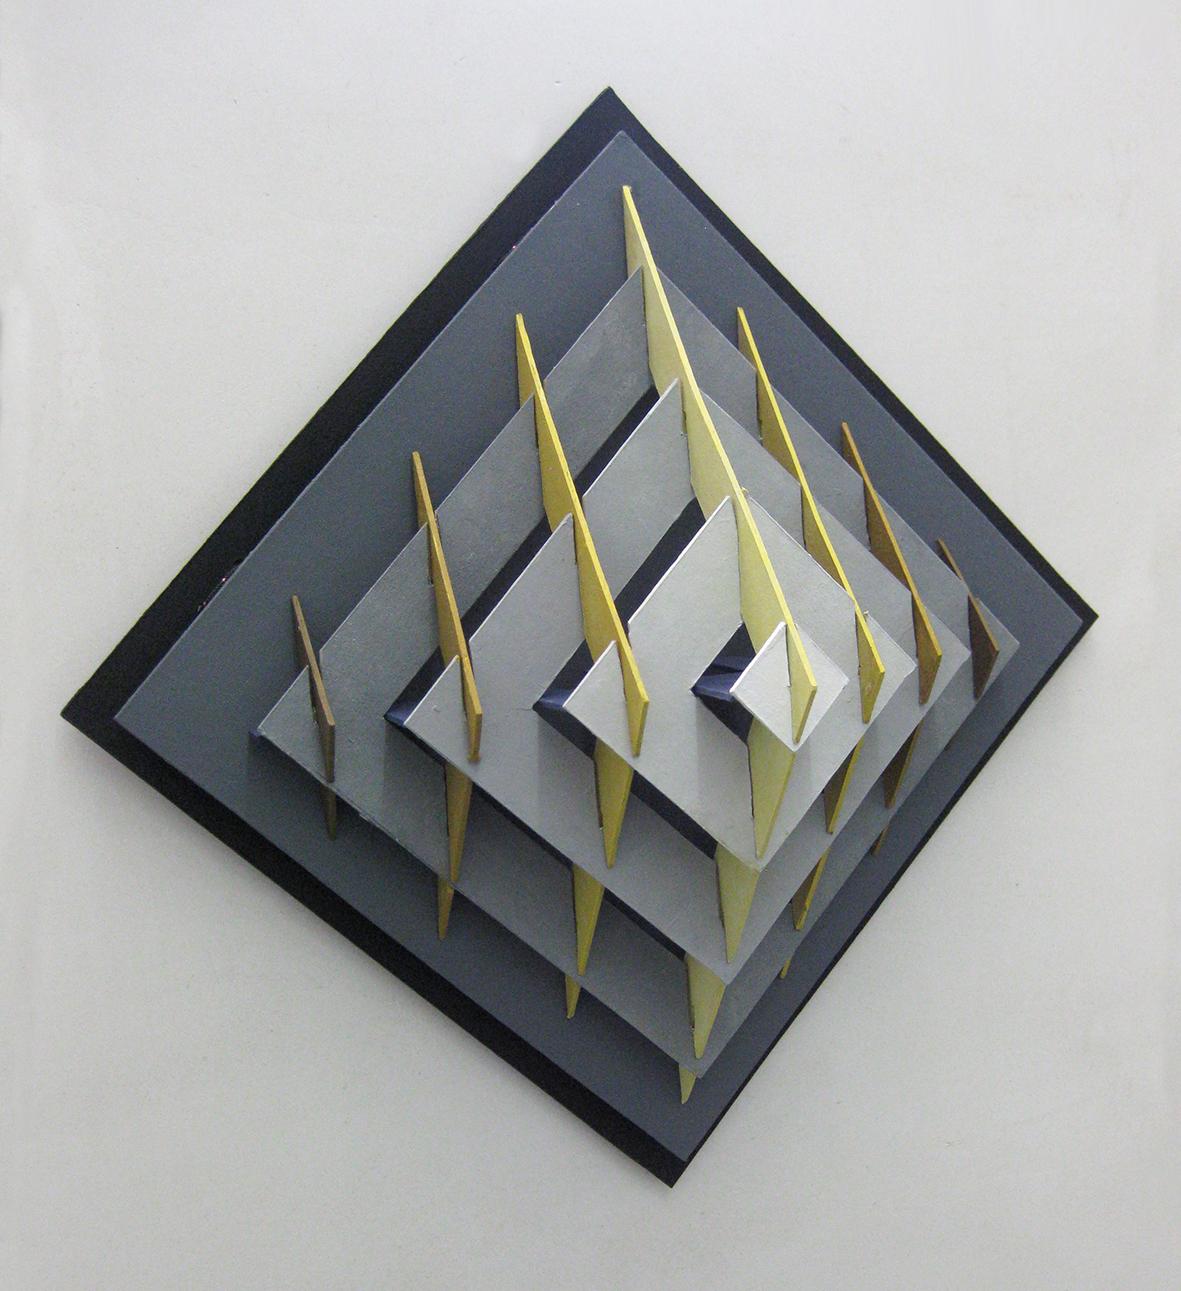 leokornips-Pyramid-in-Y+G